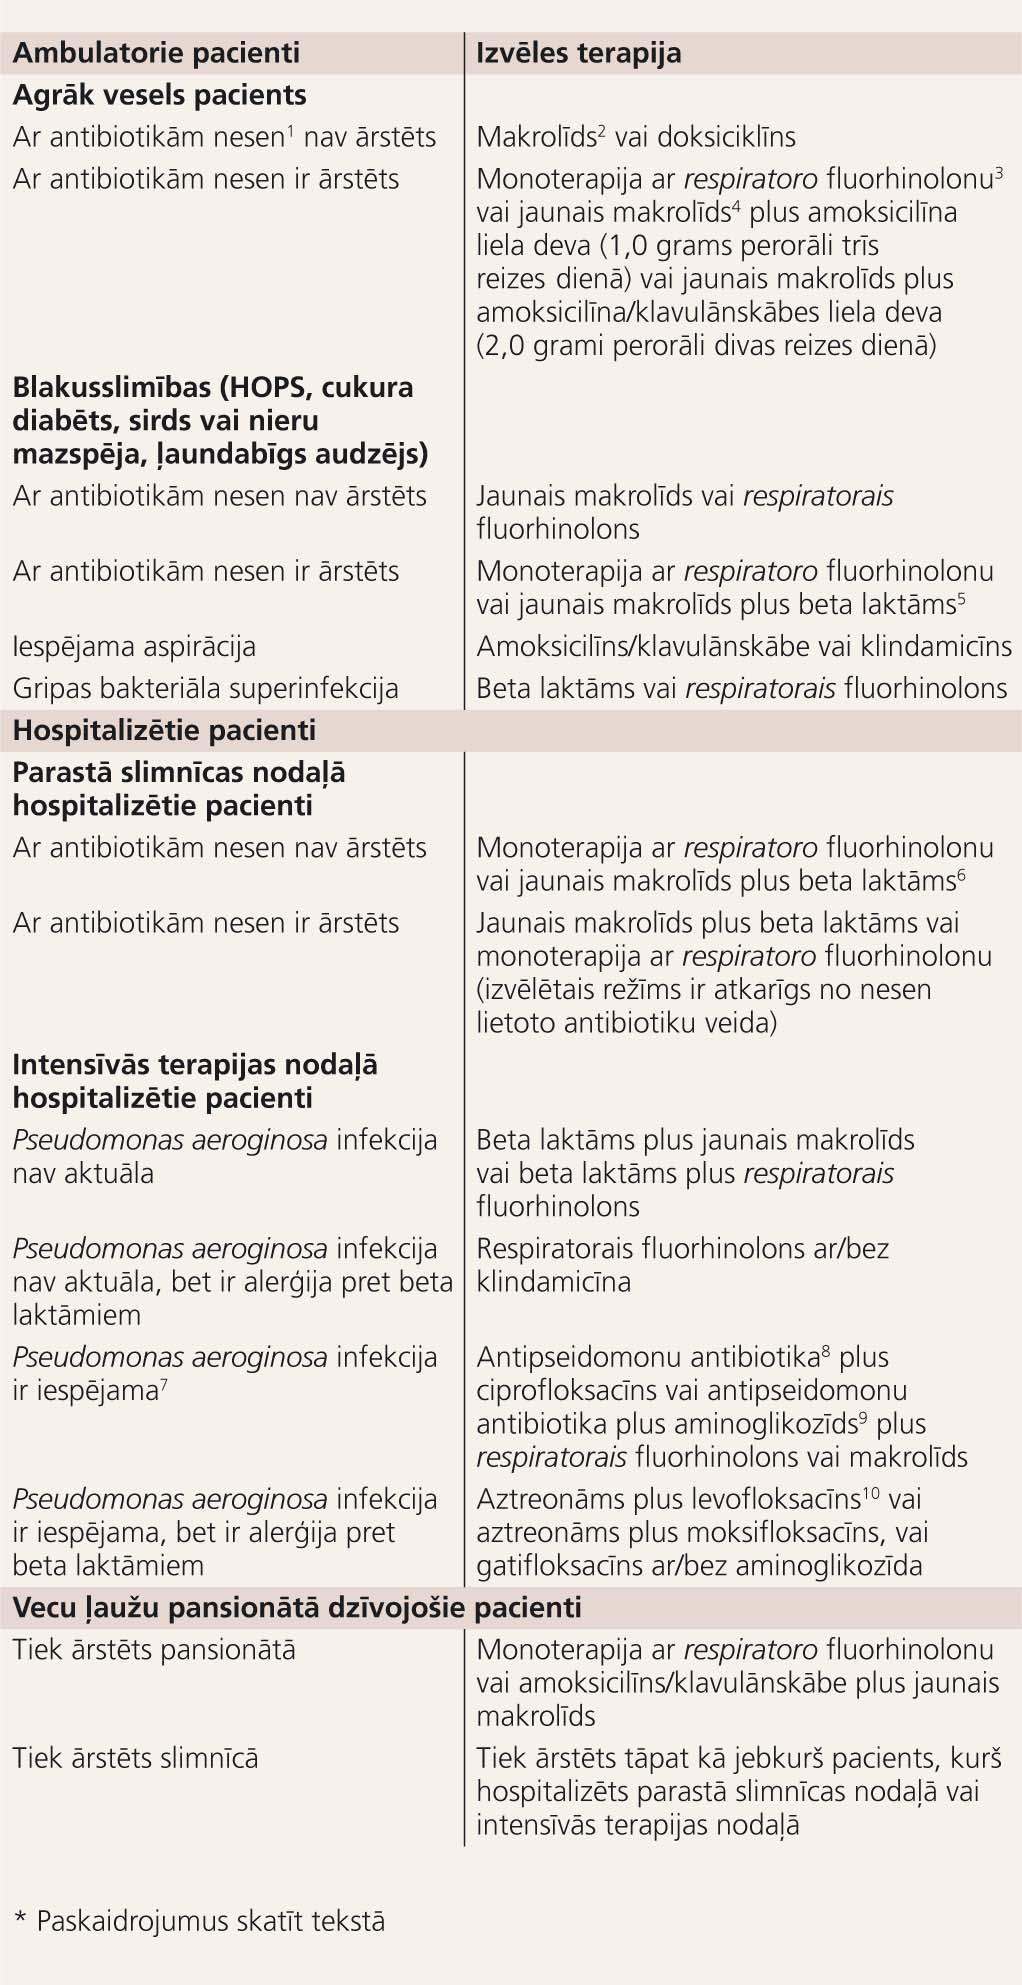 Sadzīvē iegūtās pneimonijas empīriskā iniciālā terapija dažādām pacientu grupām*